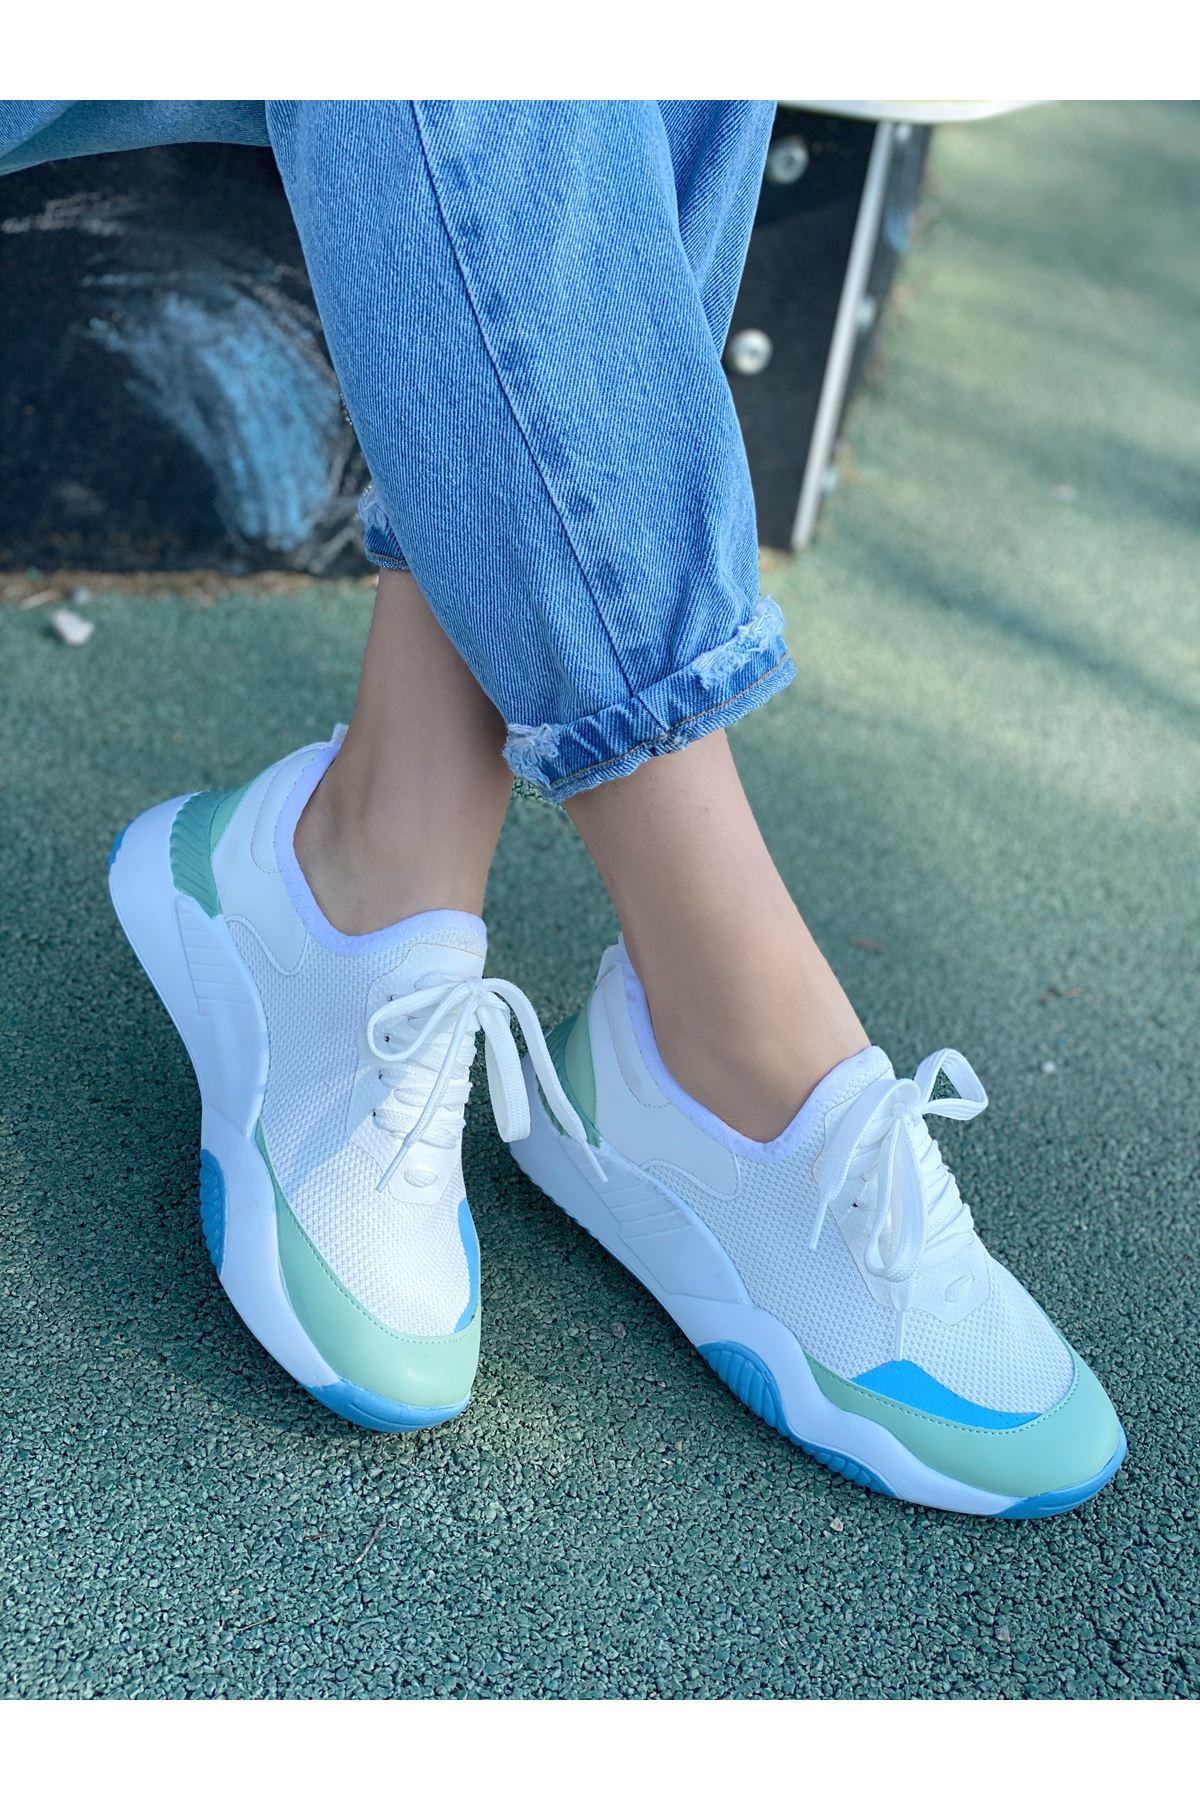 Kadın Karen Beyaz Karışık Malzeme Bağcık Detaylı Kalın Taban Spor Ayakkabı Su Yeşili